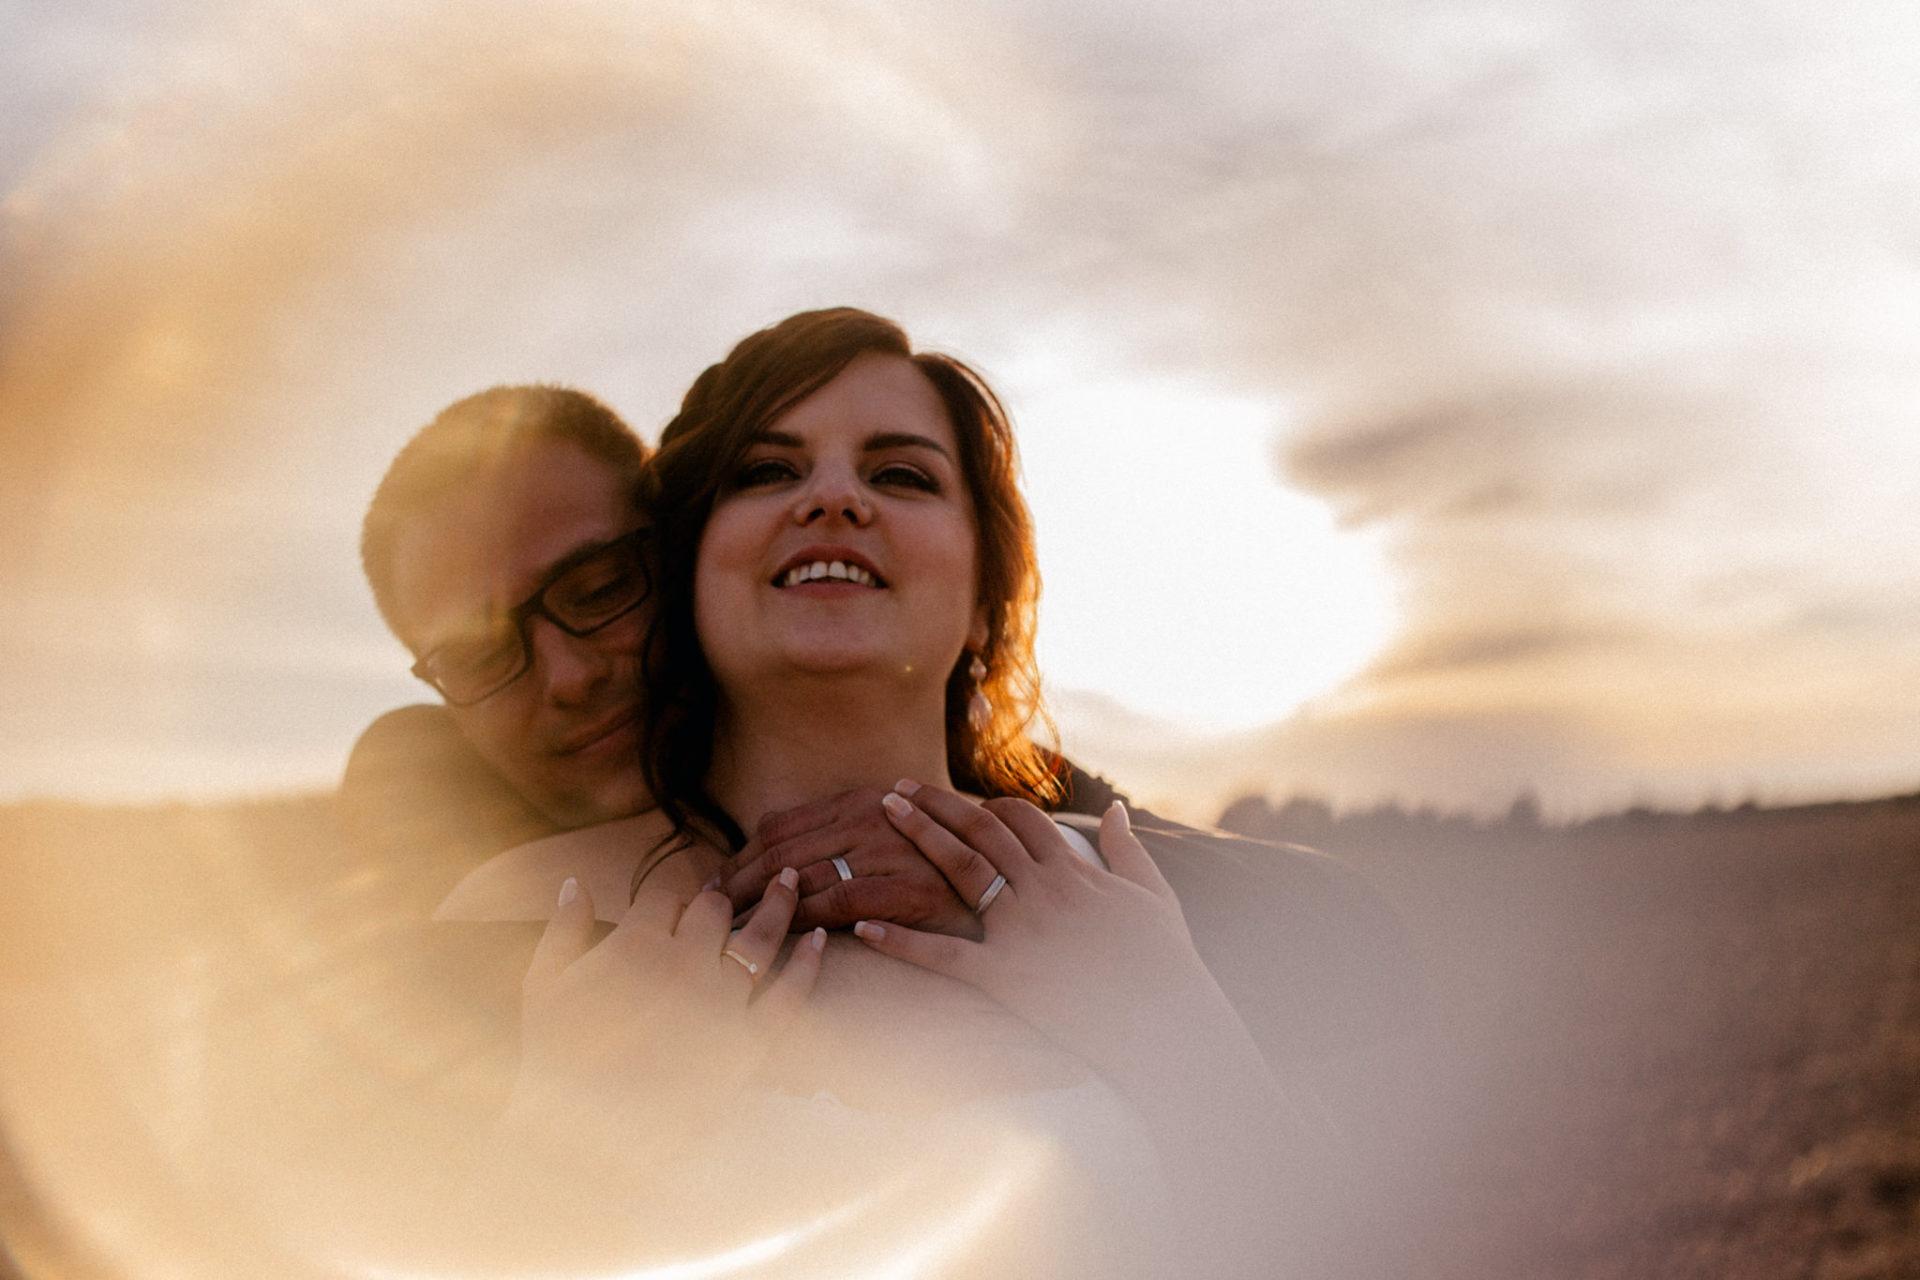 hochzeitsfotograf schloss heinsheim-elegant heiraten-Schafstall Heinsheim-Sonnenuntergang Portraits-Natürliche Hochzeitsbilder